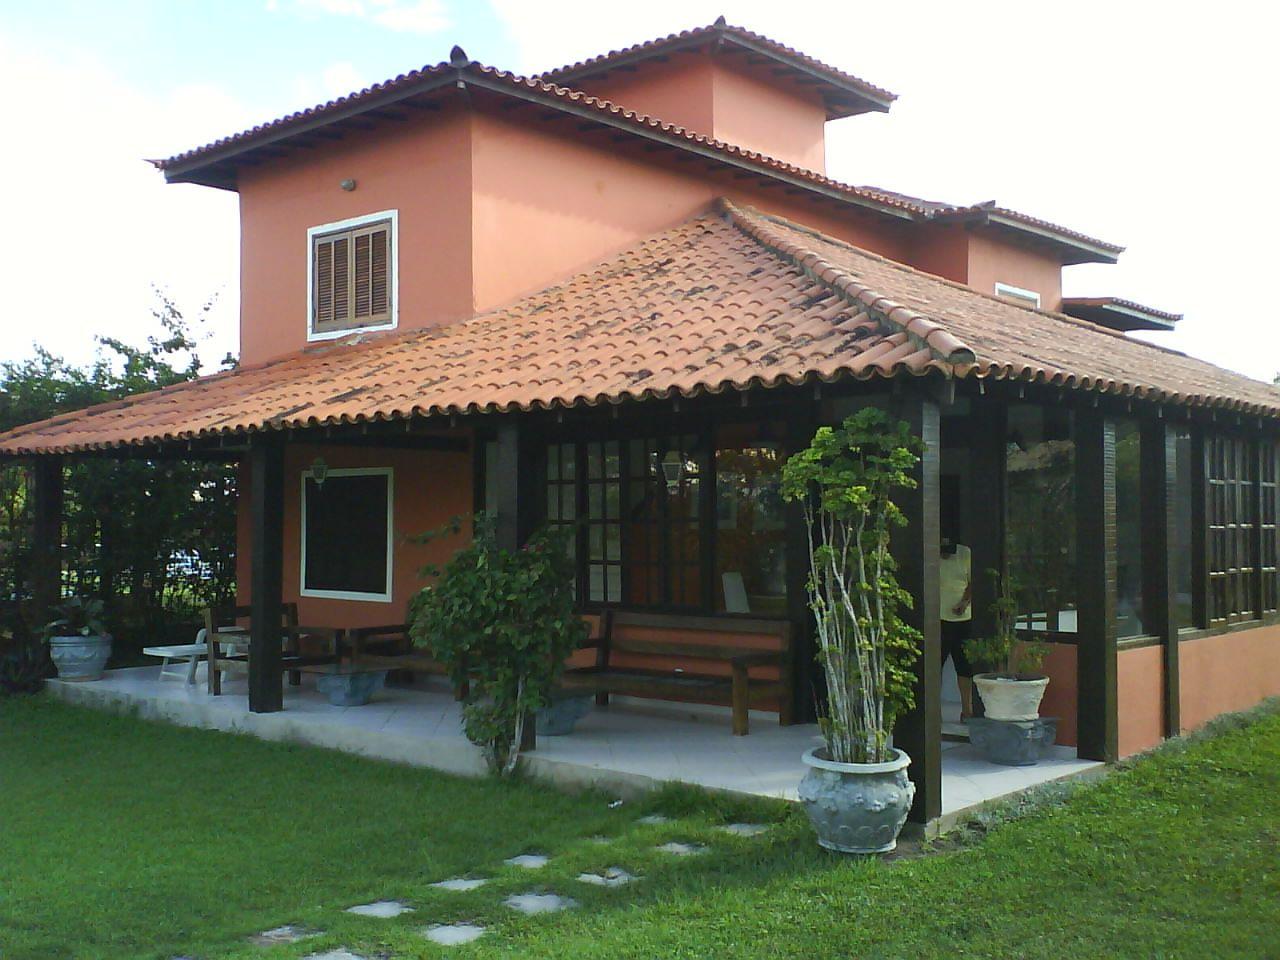 Casa Com Varanda 8 Jpg 1280 960 Casas Casas De Campo Simples